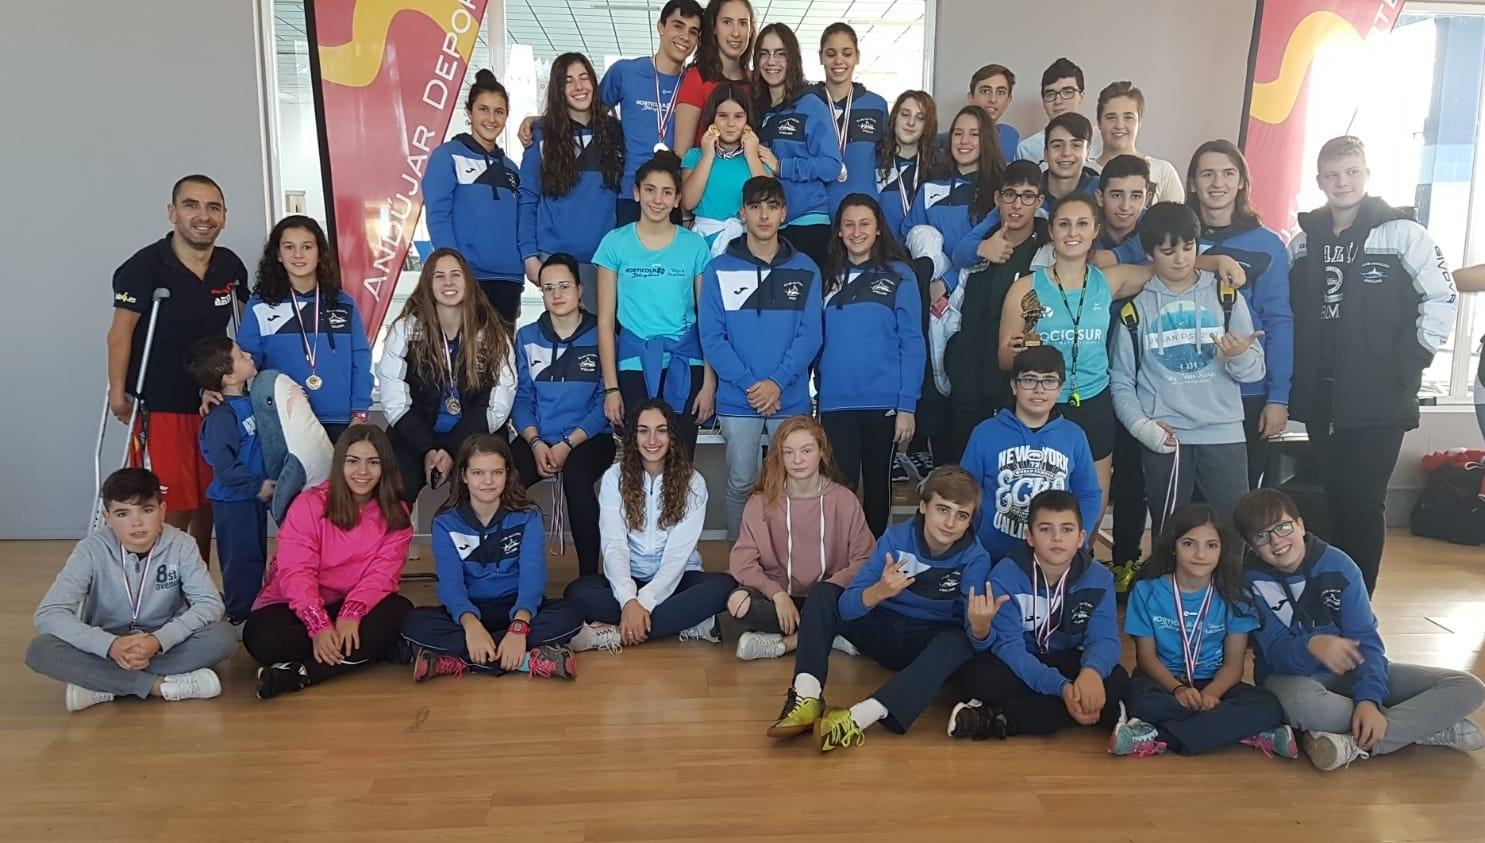 El Club Natación Andújar obtiene 41 medallas en su torneo navideño con presencia de los clubes de Jaén y Córdoba